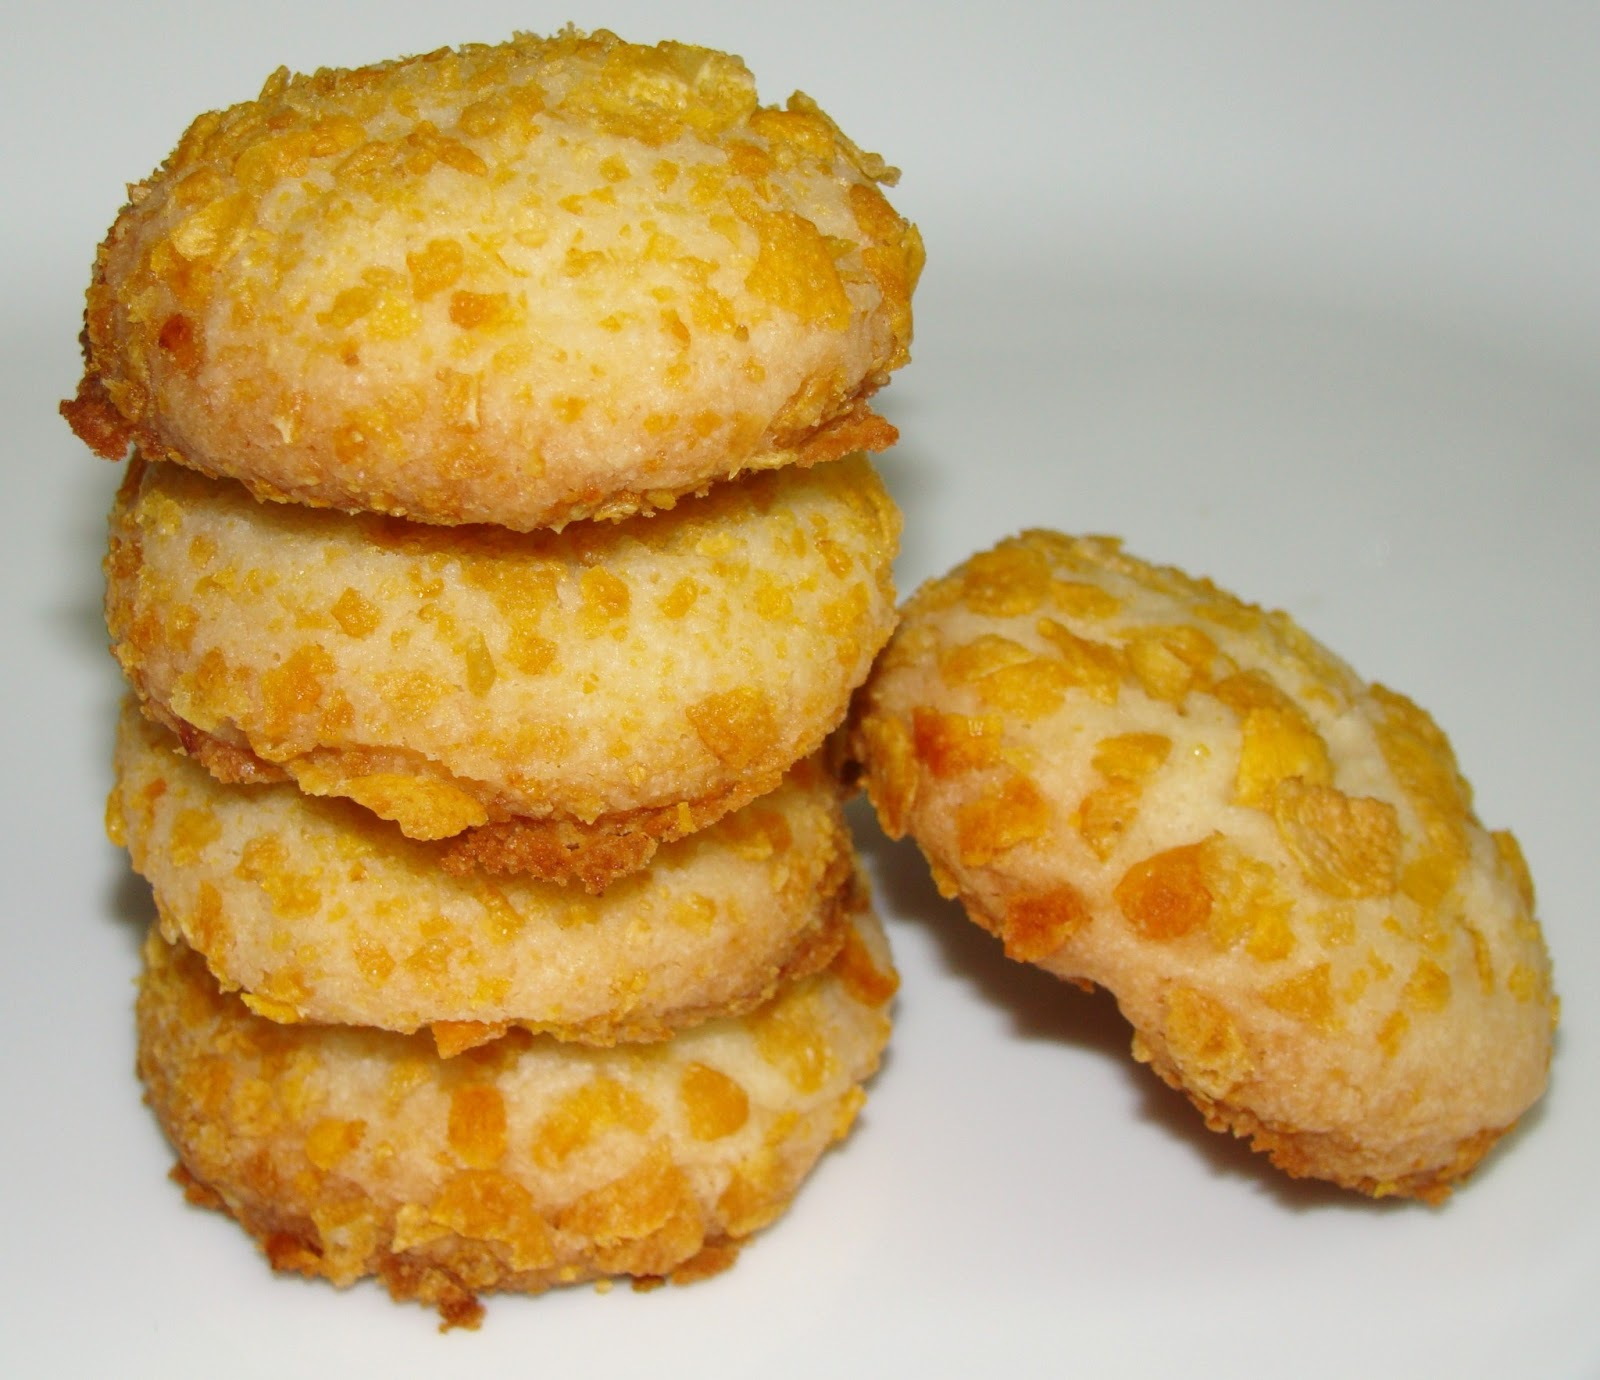 cookies o cookies hot dog cookies tko cookies pb c cookies m m cookies ...